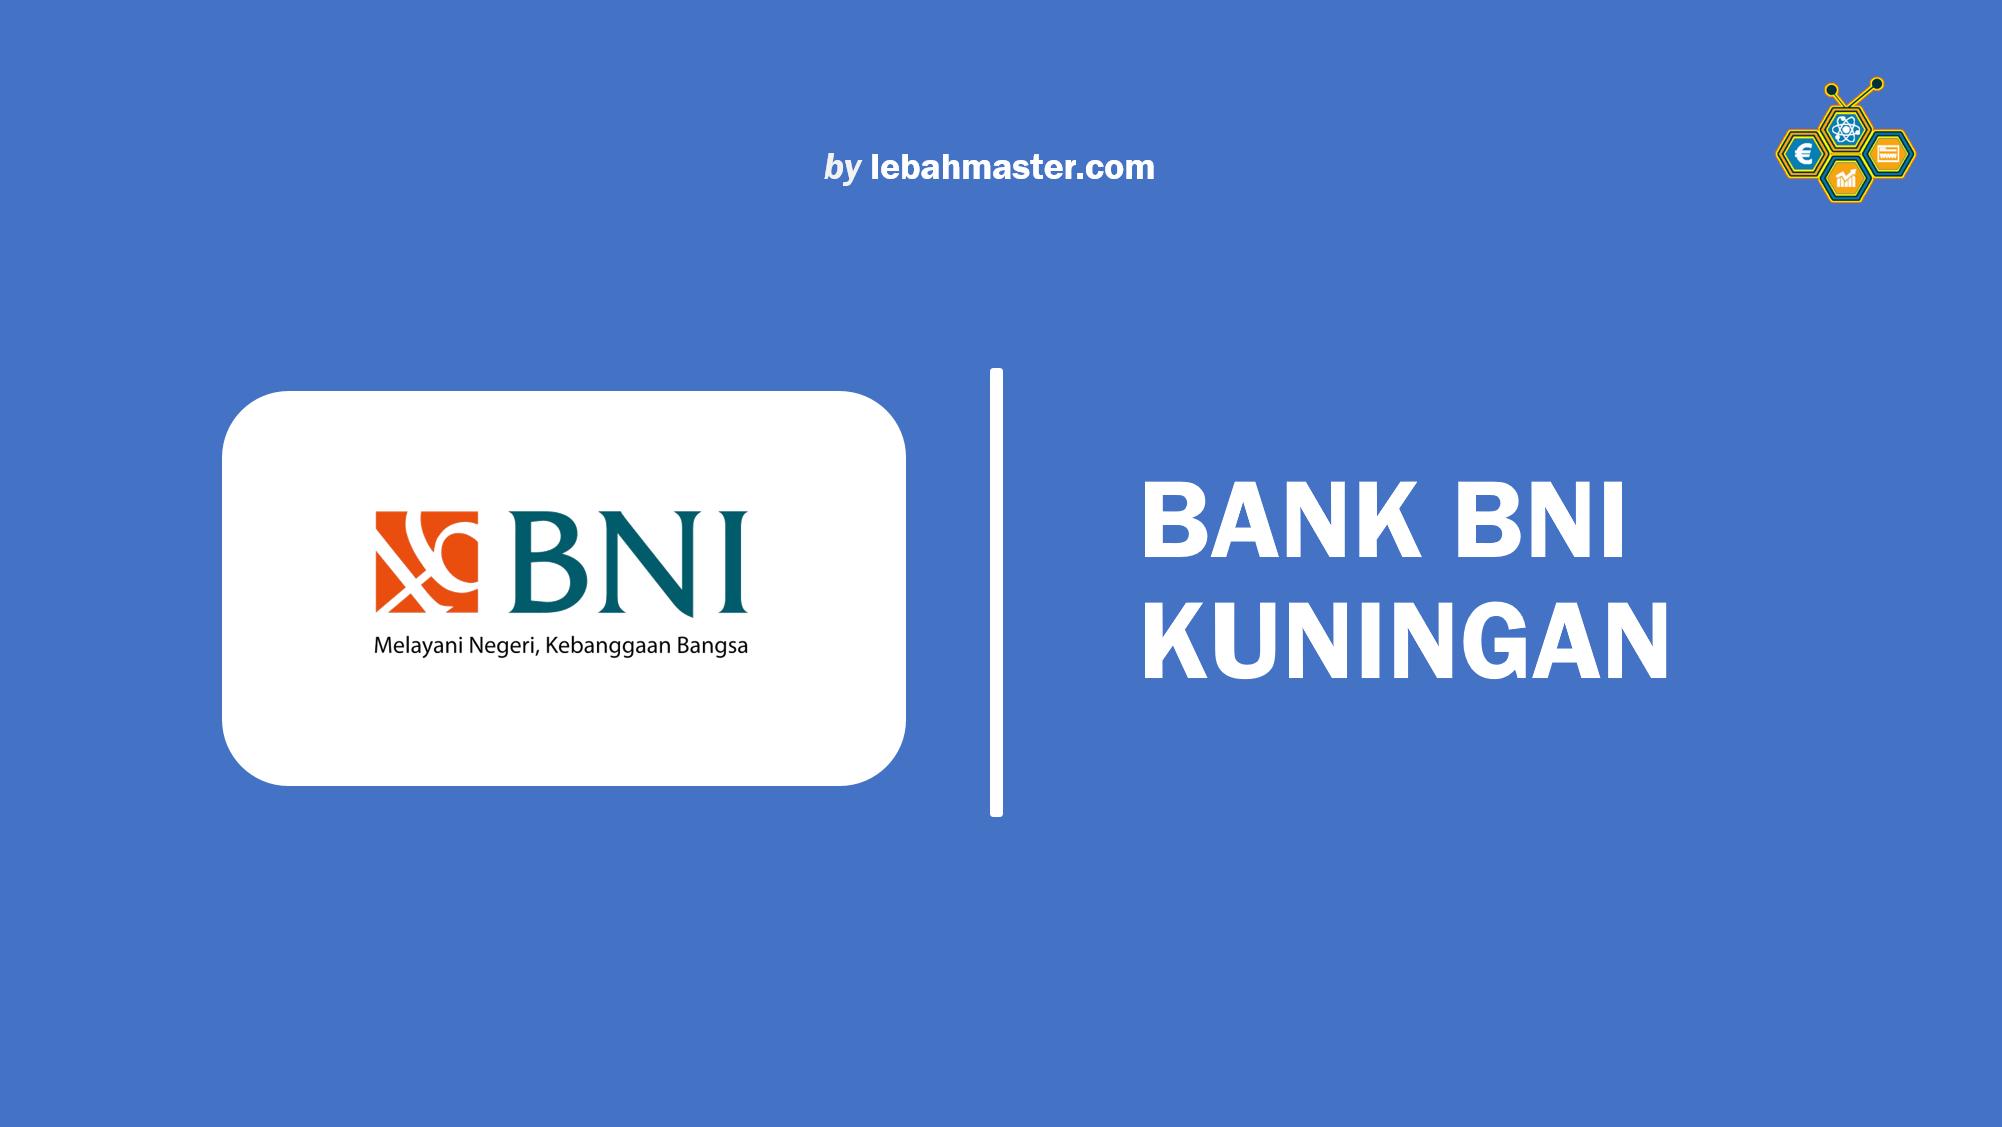 Bank BNI Kuningan